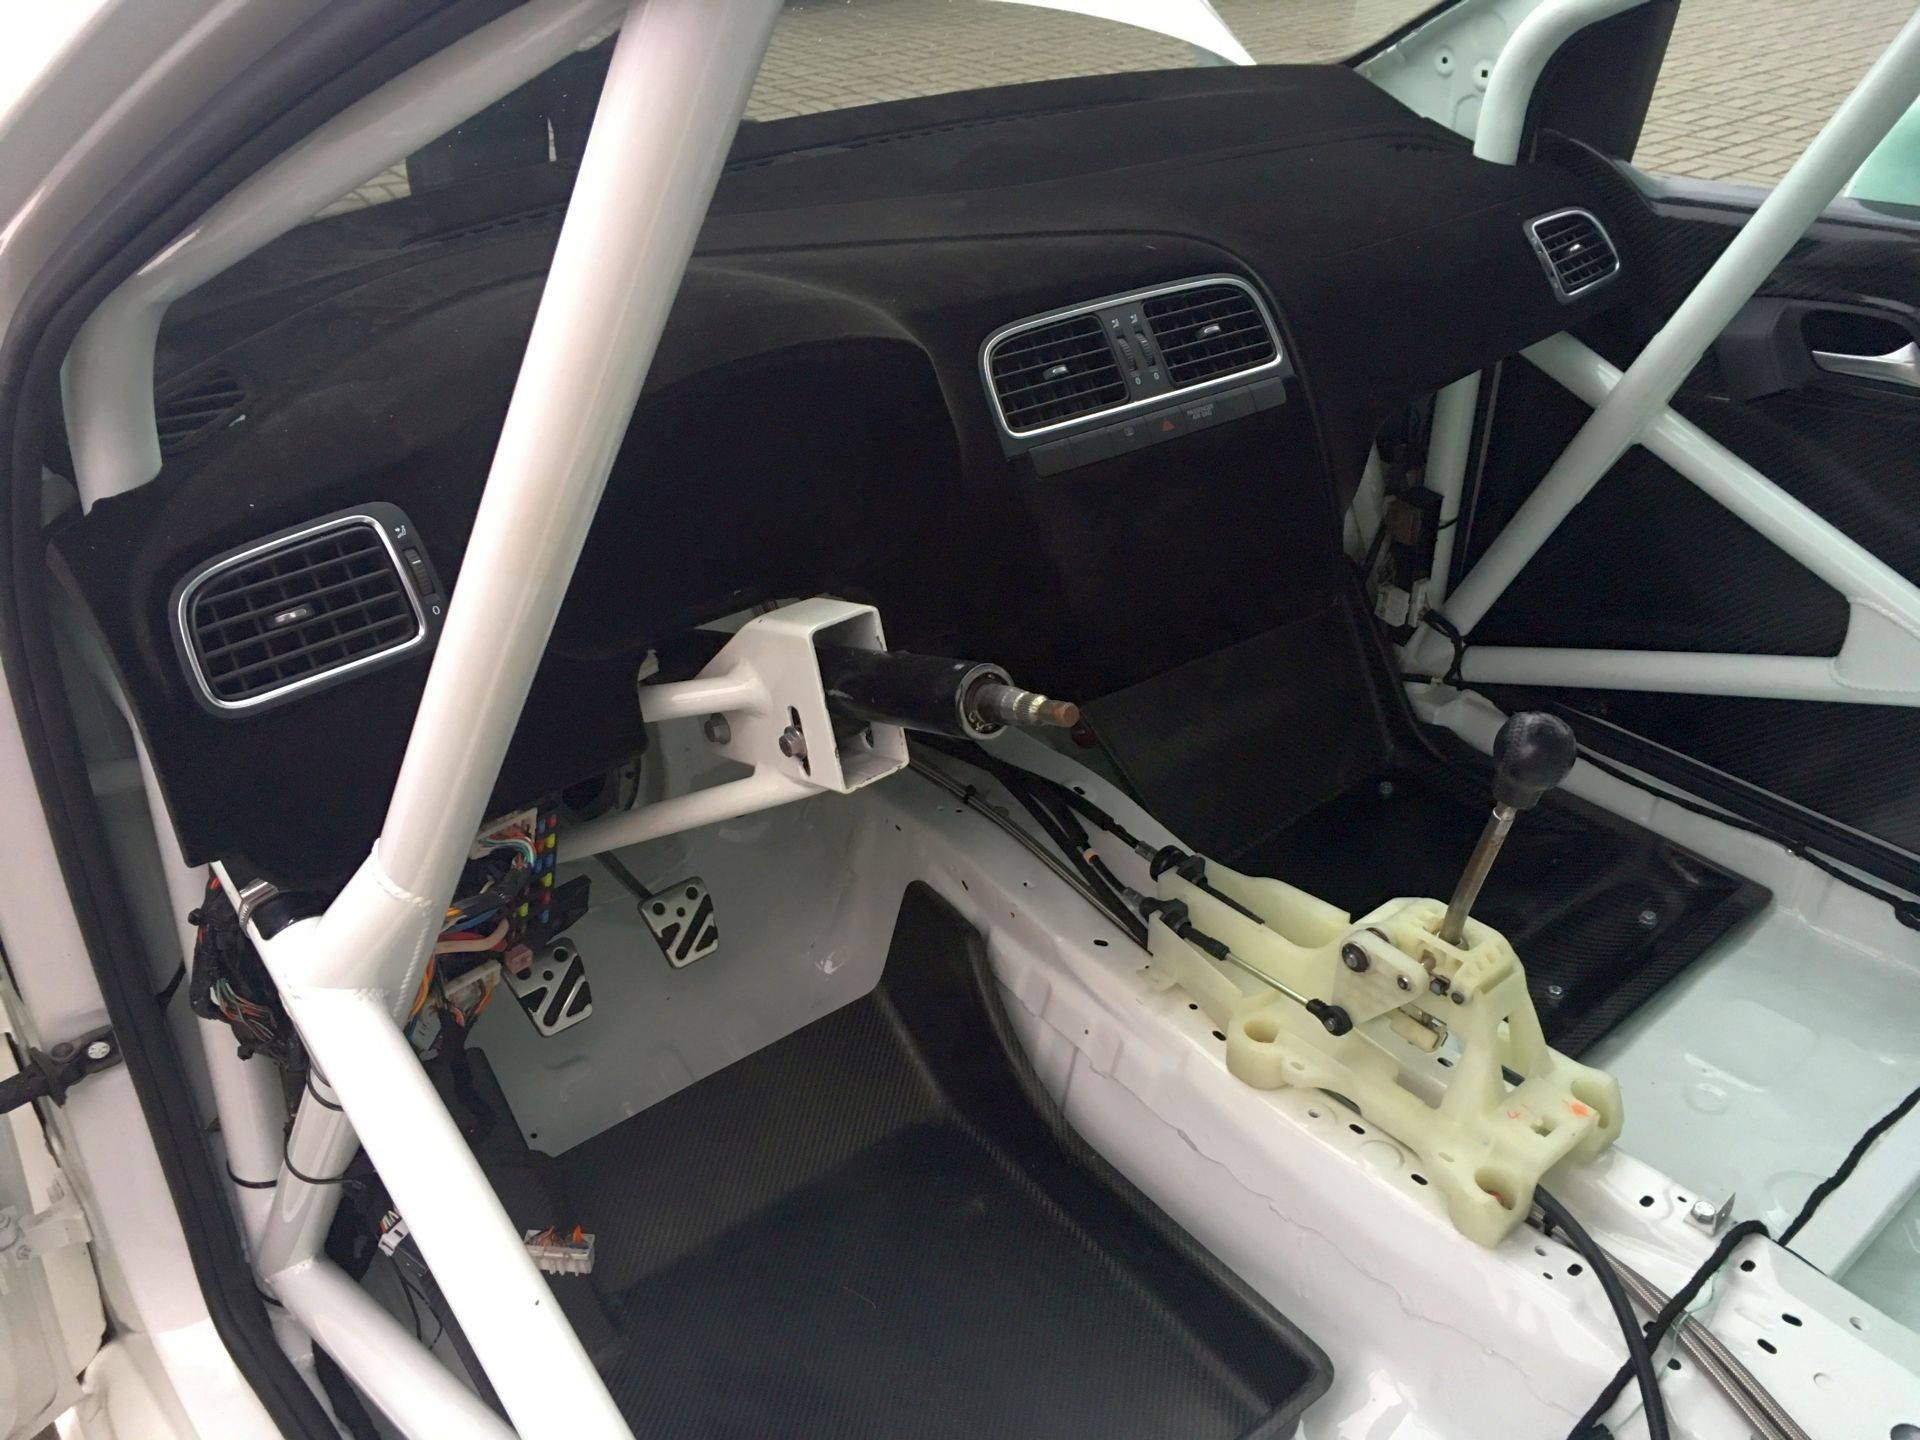 VW-Polo-Proto-004